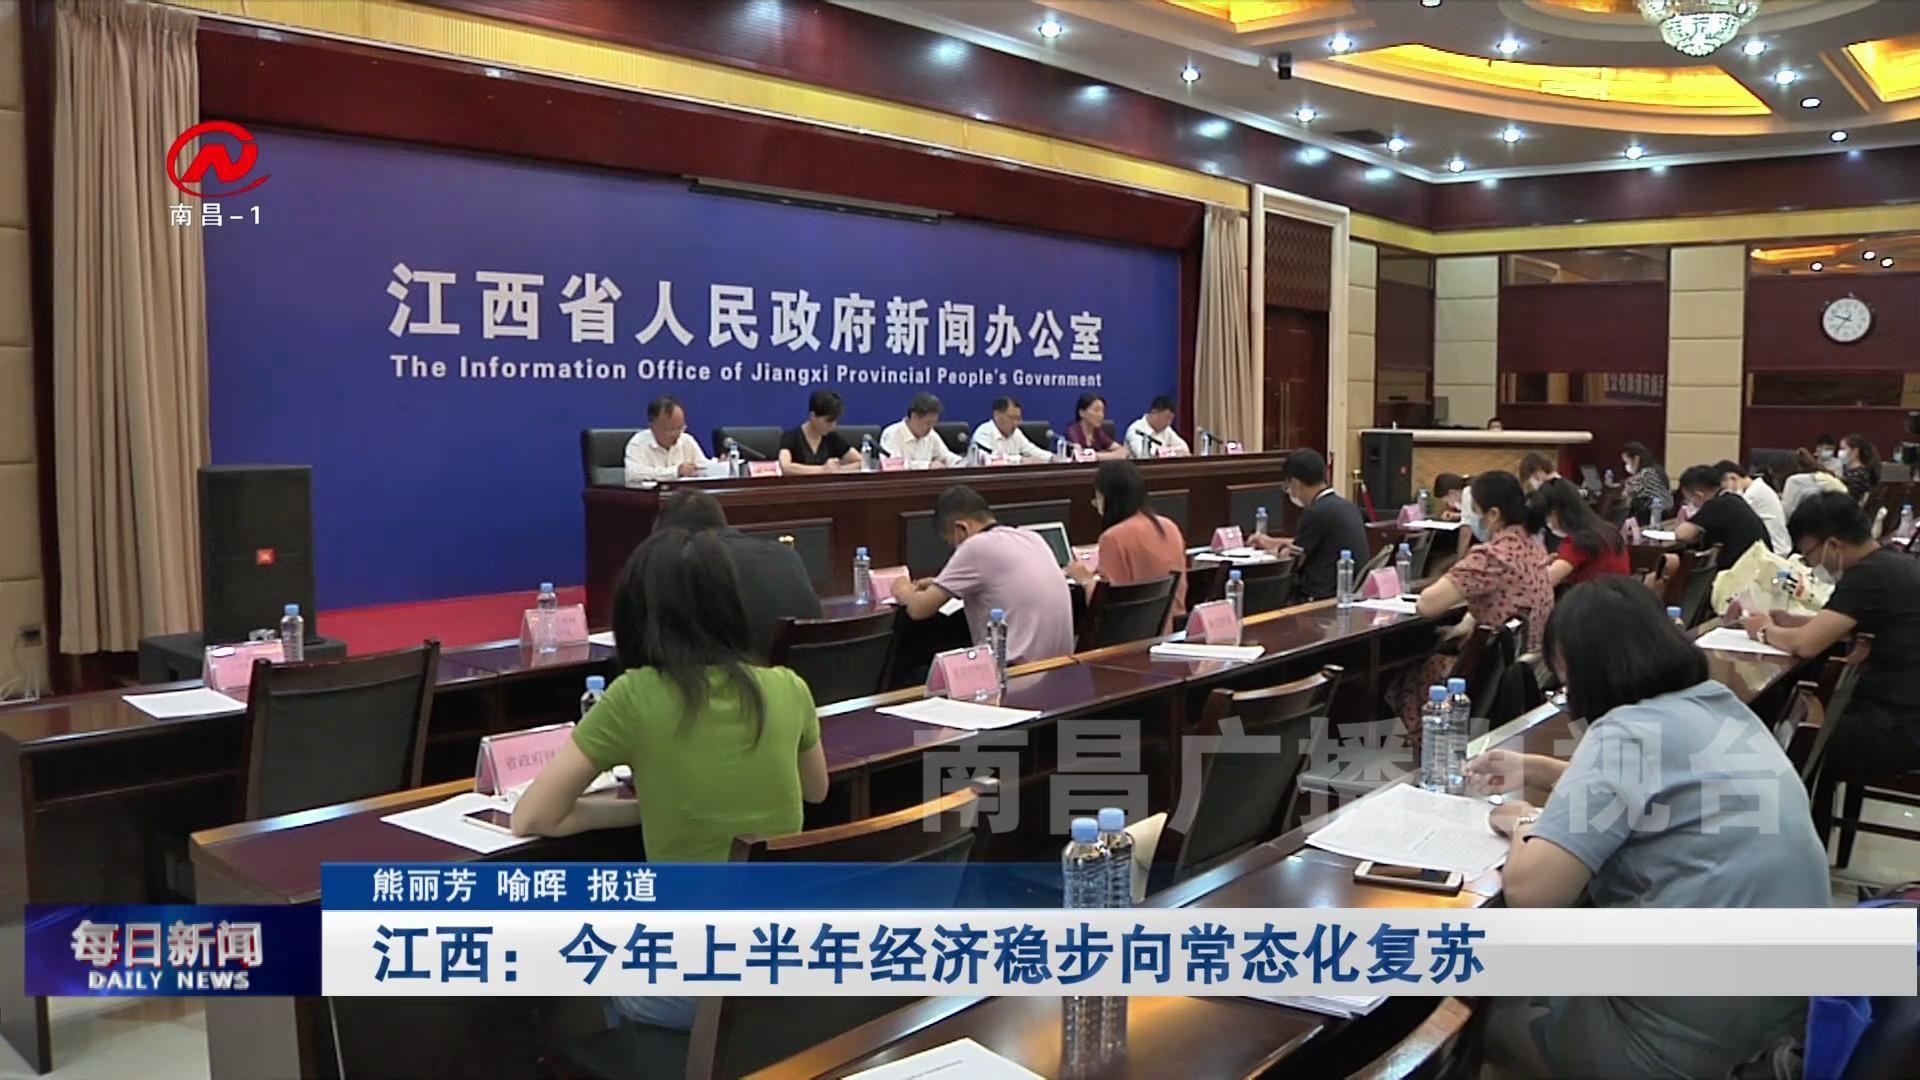 江西:今年上半年經濟穩步向常態化復蘇